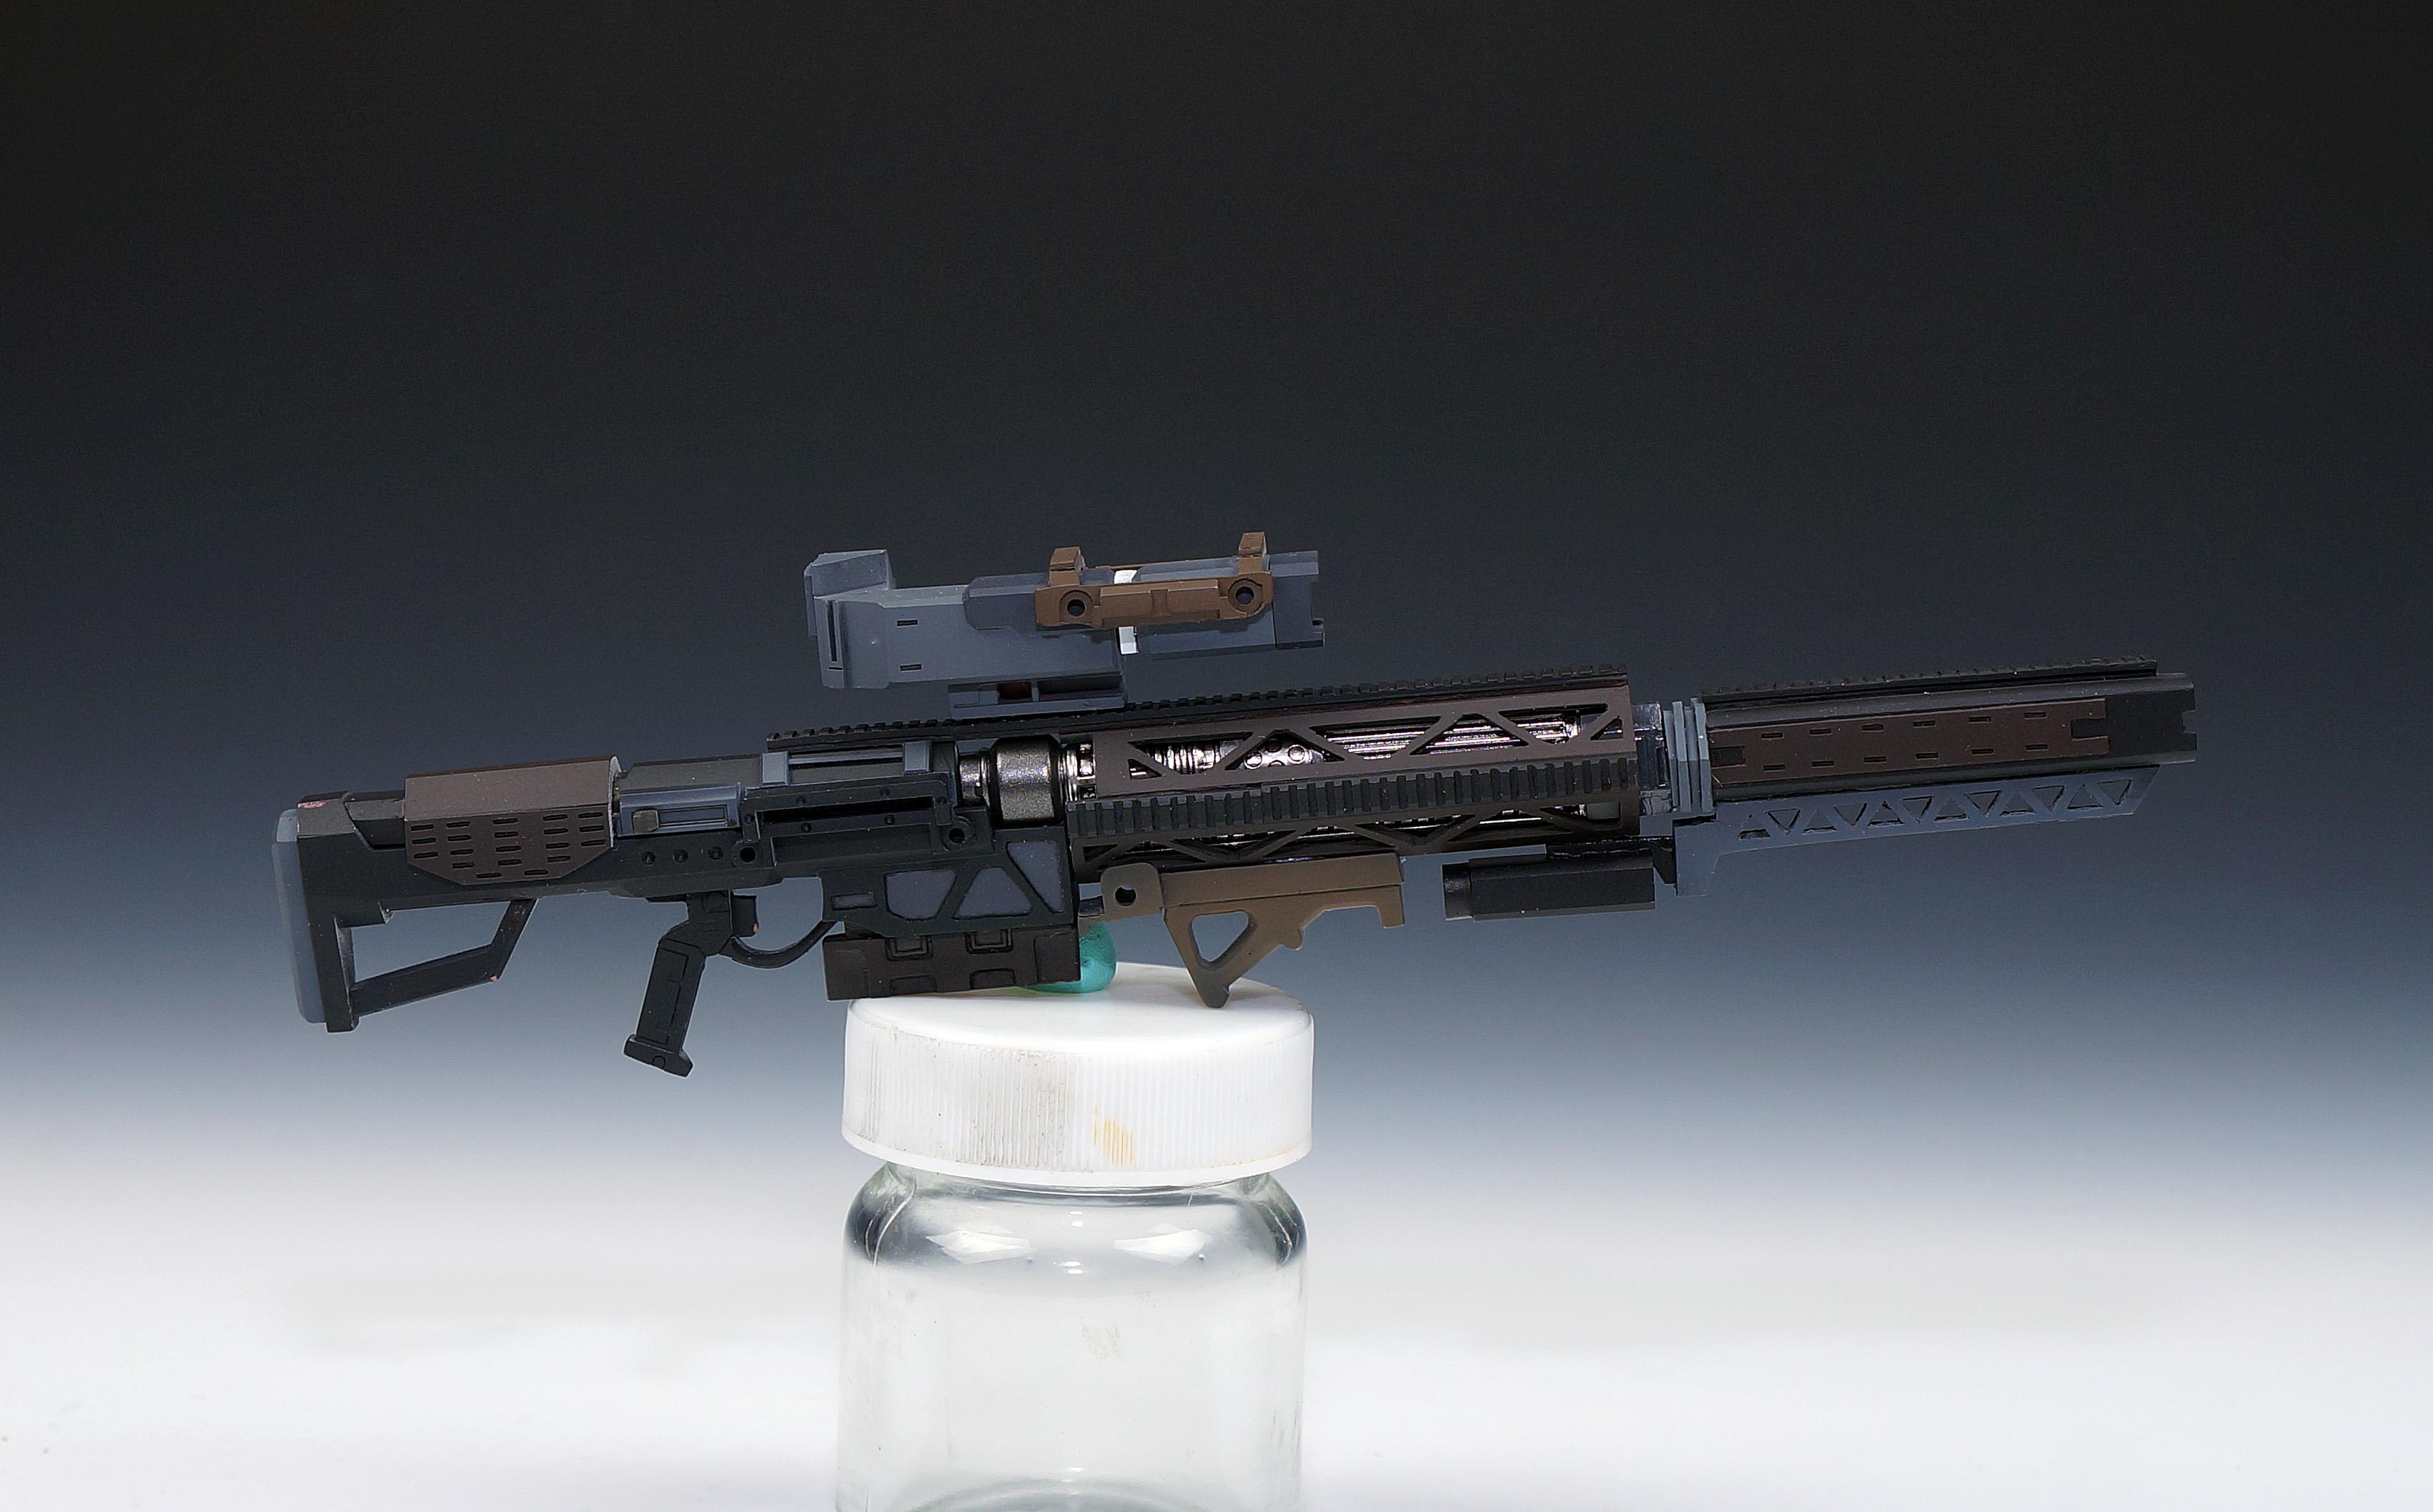 G261_sniper_inask_013.jpg